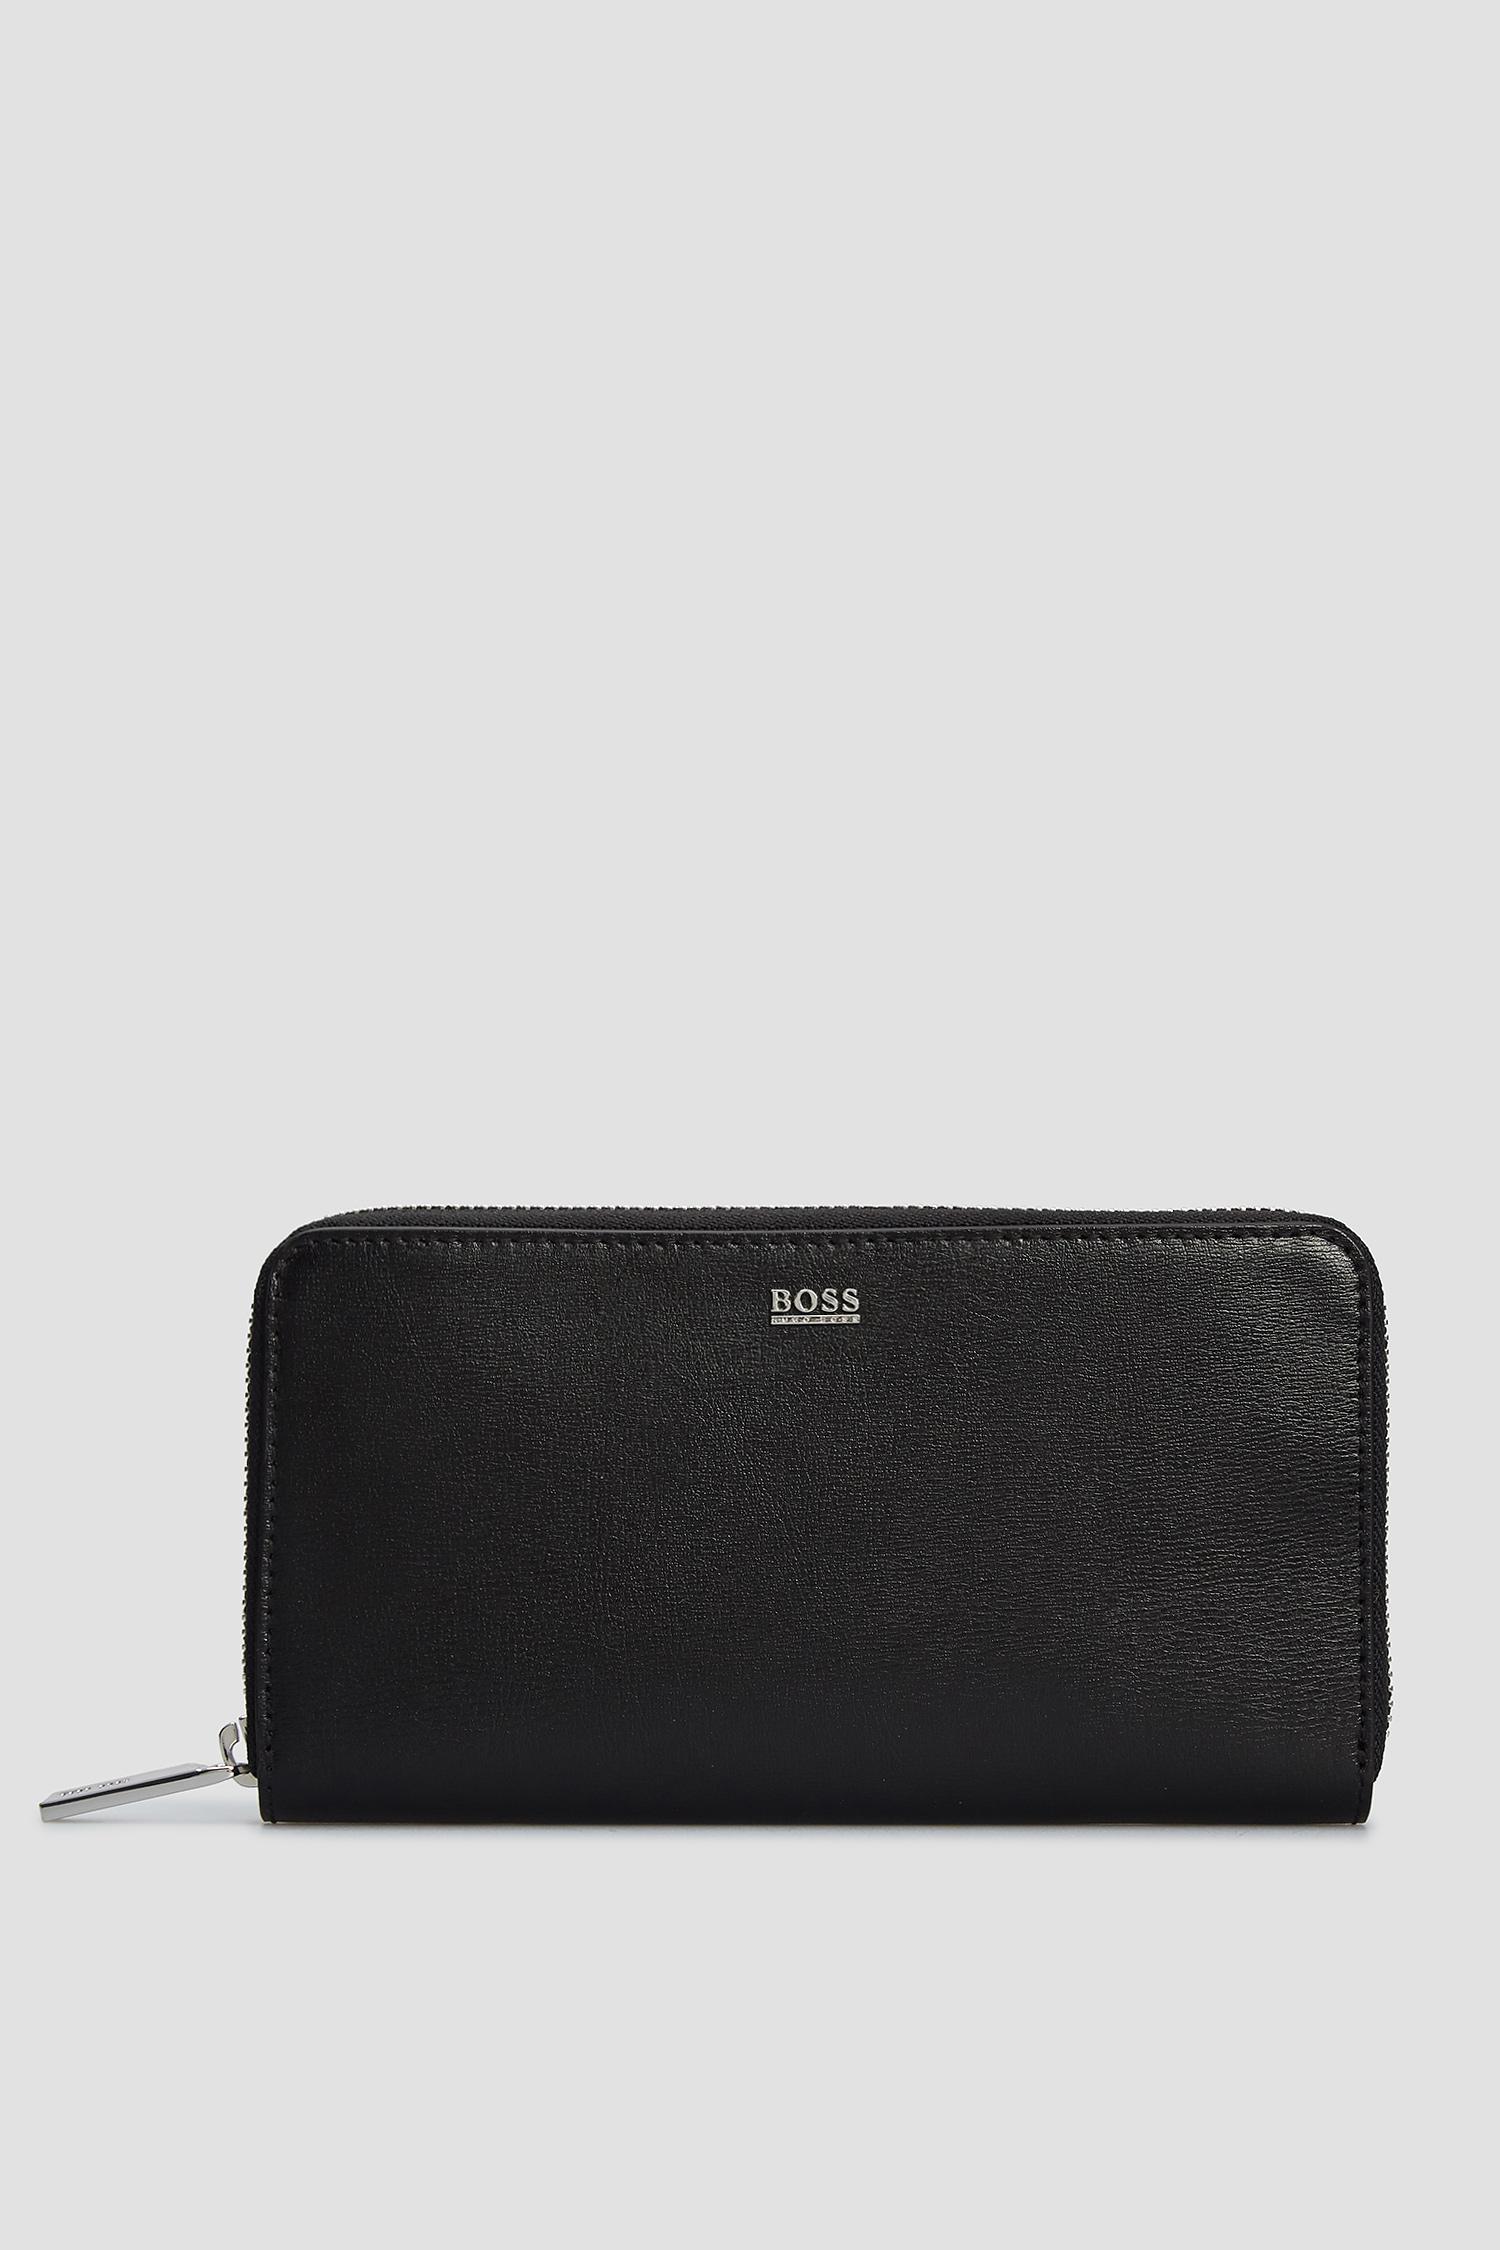 Чорний шкіряний гаманець для дівчат BOSS 50441921;001